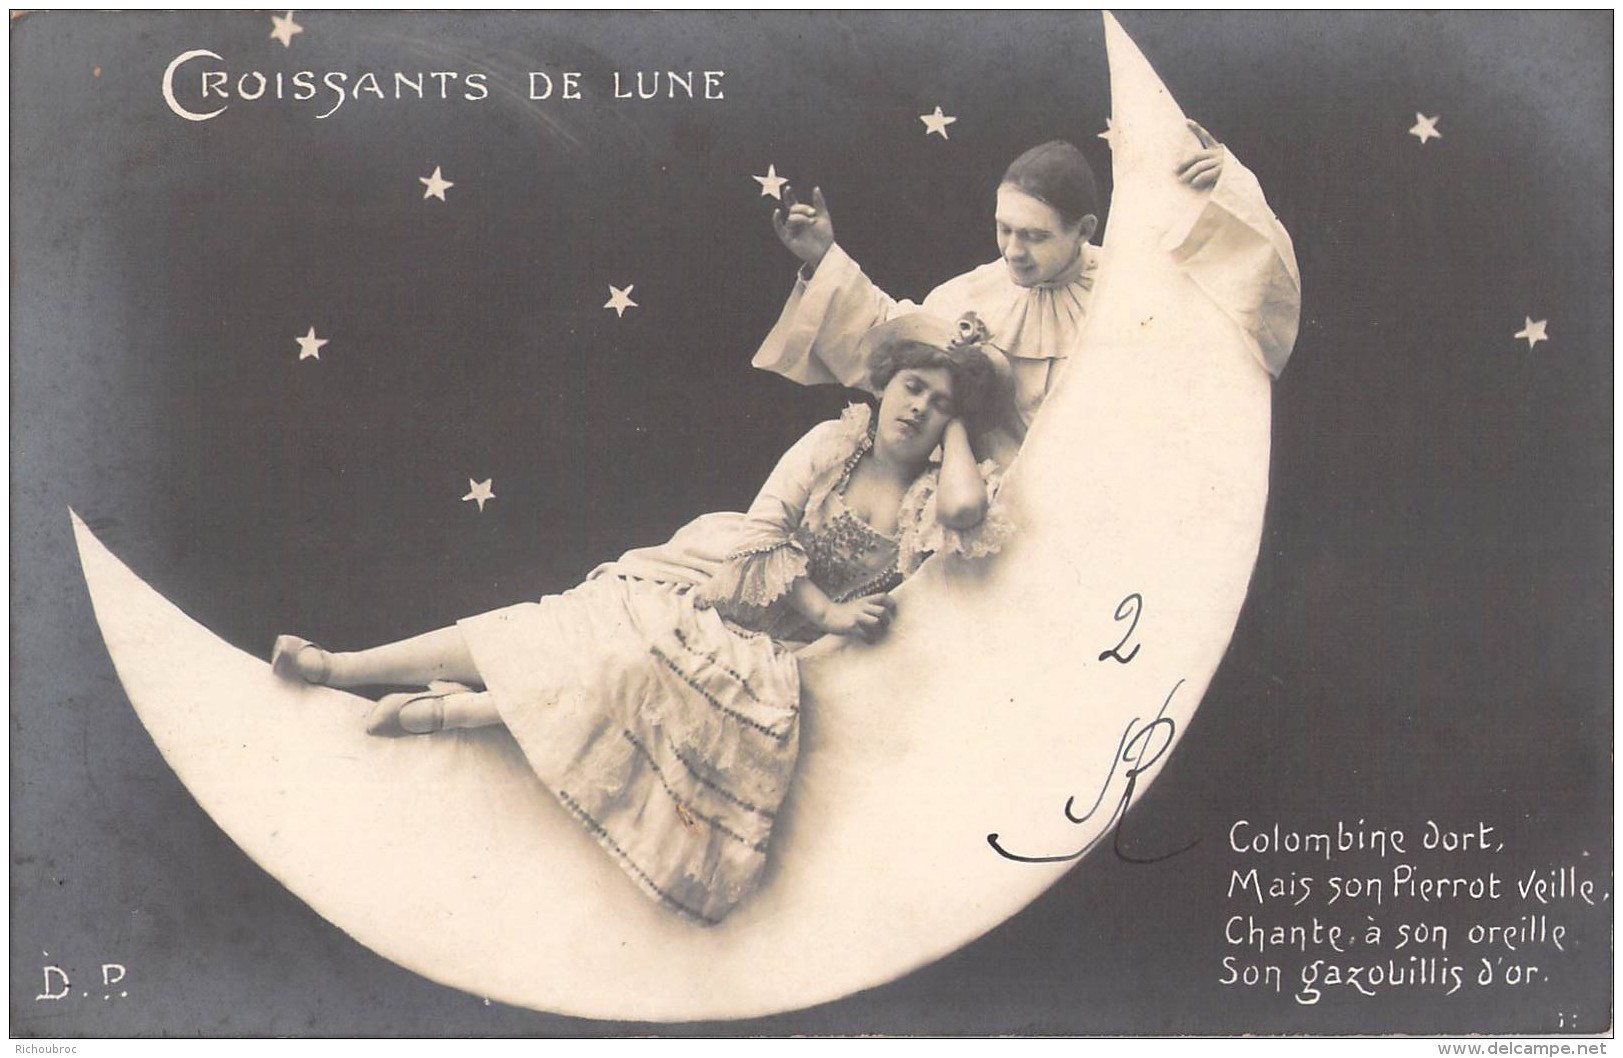 CROISSANTS DE LUNE / COUPLE / COLOMBINE DORT MAIS SON PIERROT VEILLE ... / D.P - Fantaisies